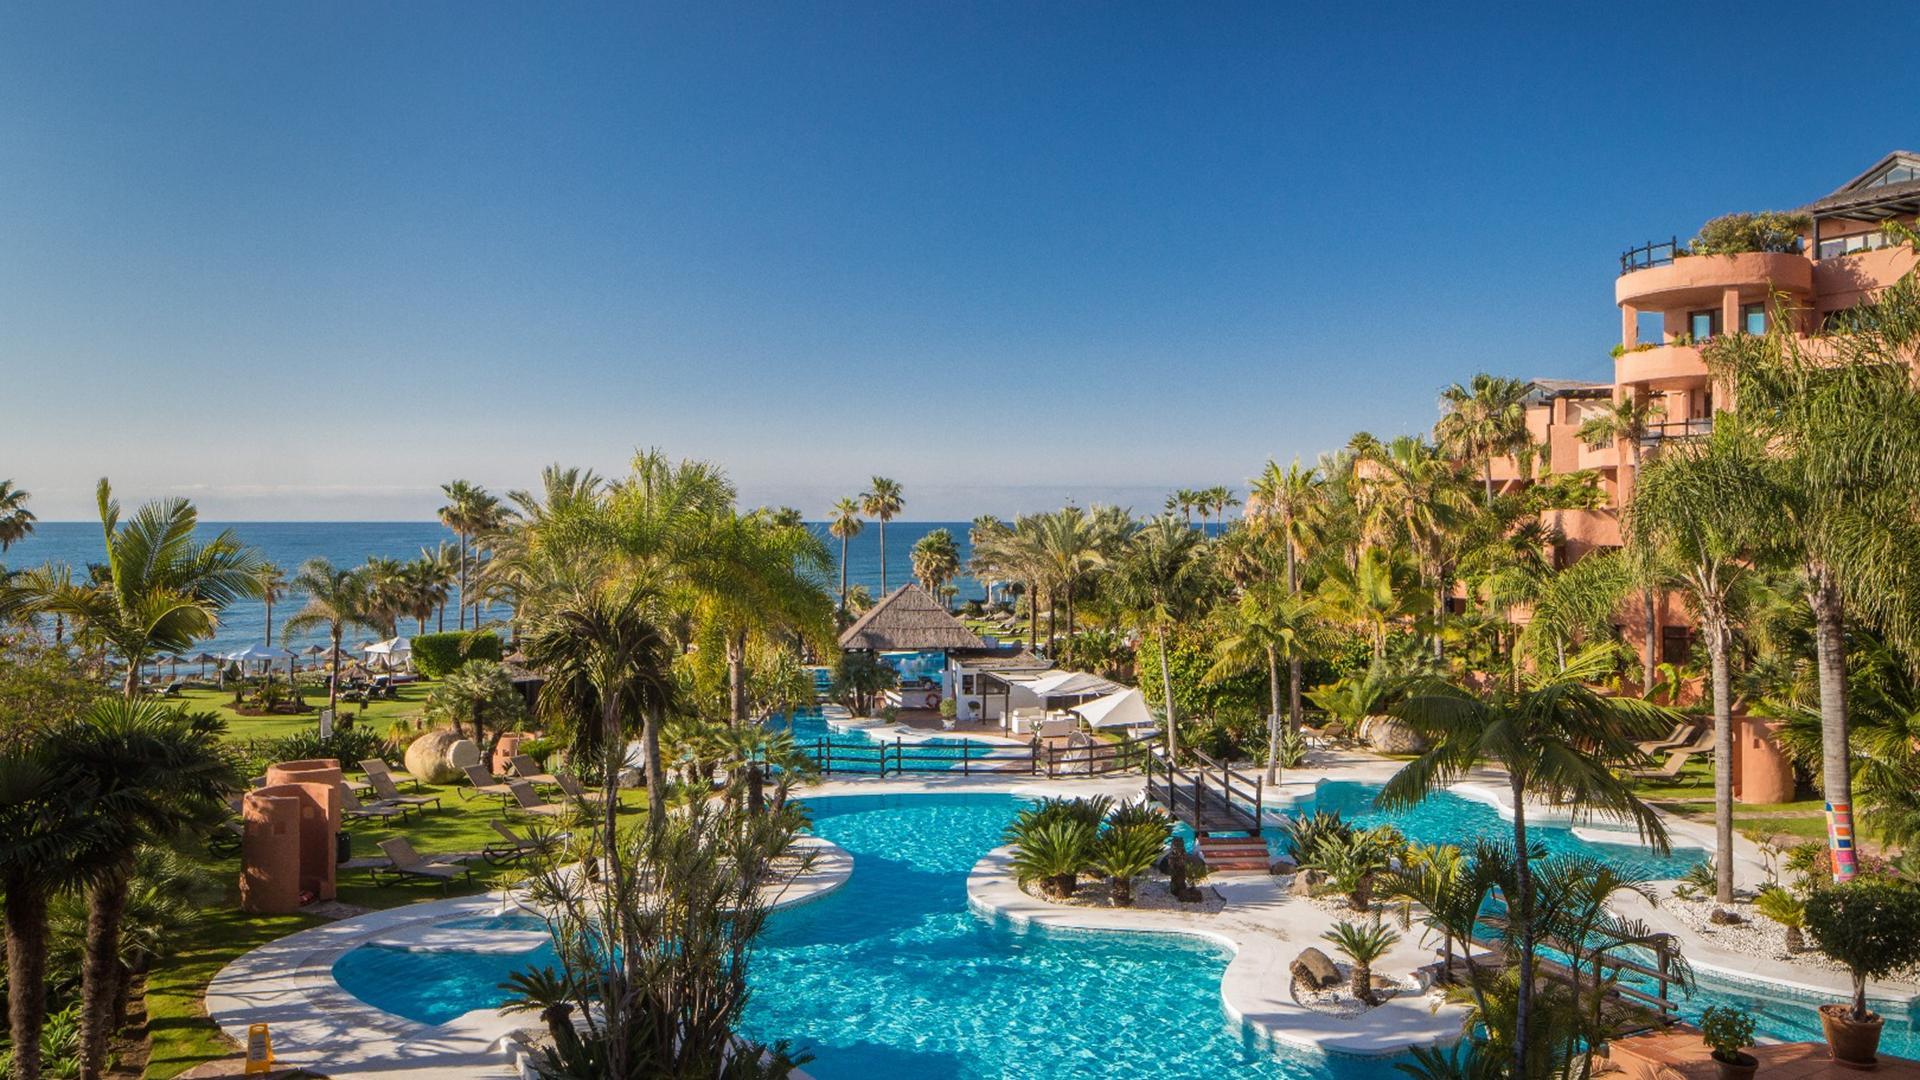 Rental Apartment for sale Kempinski Hotel Baha Marbella Estepona  Agent4Starscom